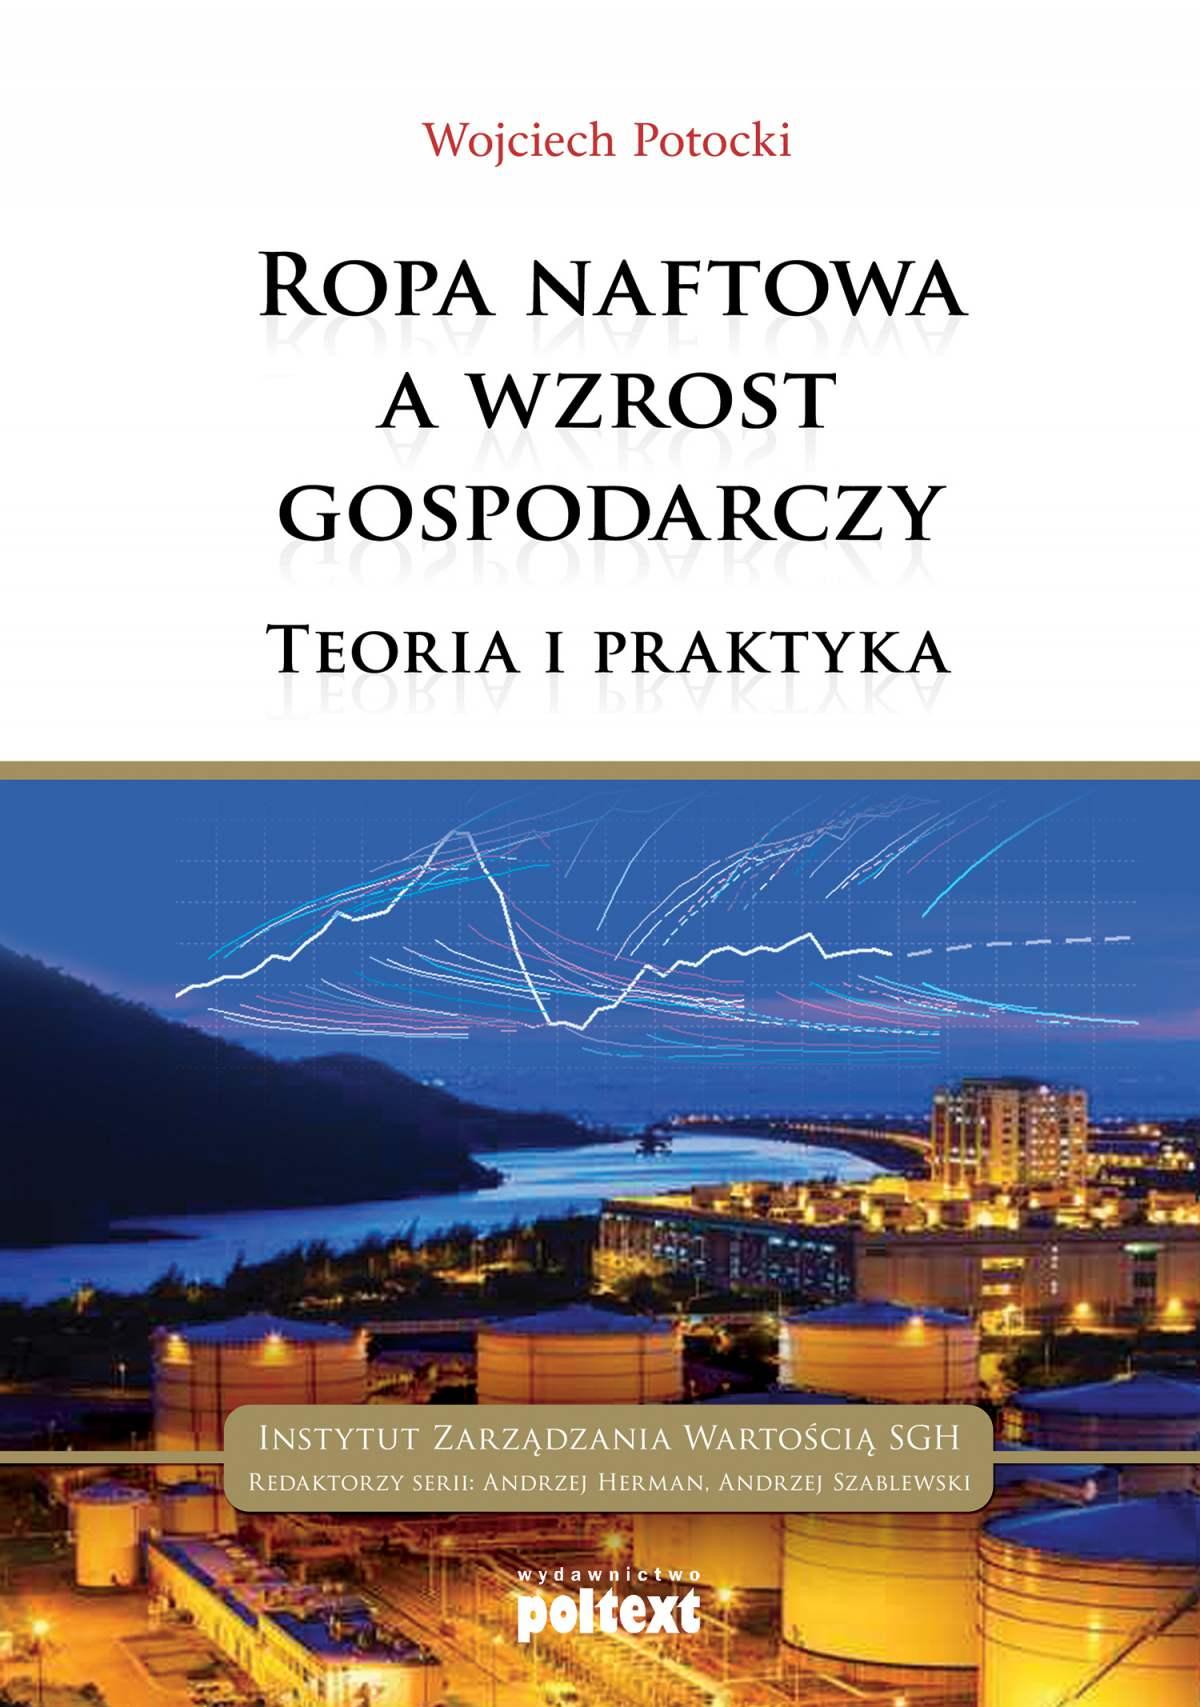 Ropa naftowa a wzrost gospodarczy - Ebook (Książka EPUB) do pobrania w formacie EPUB